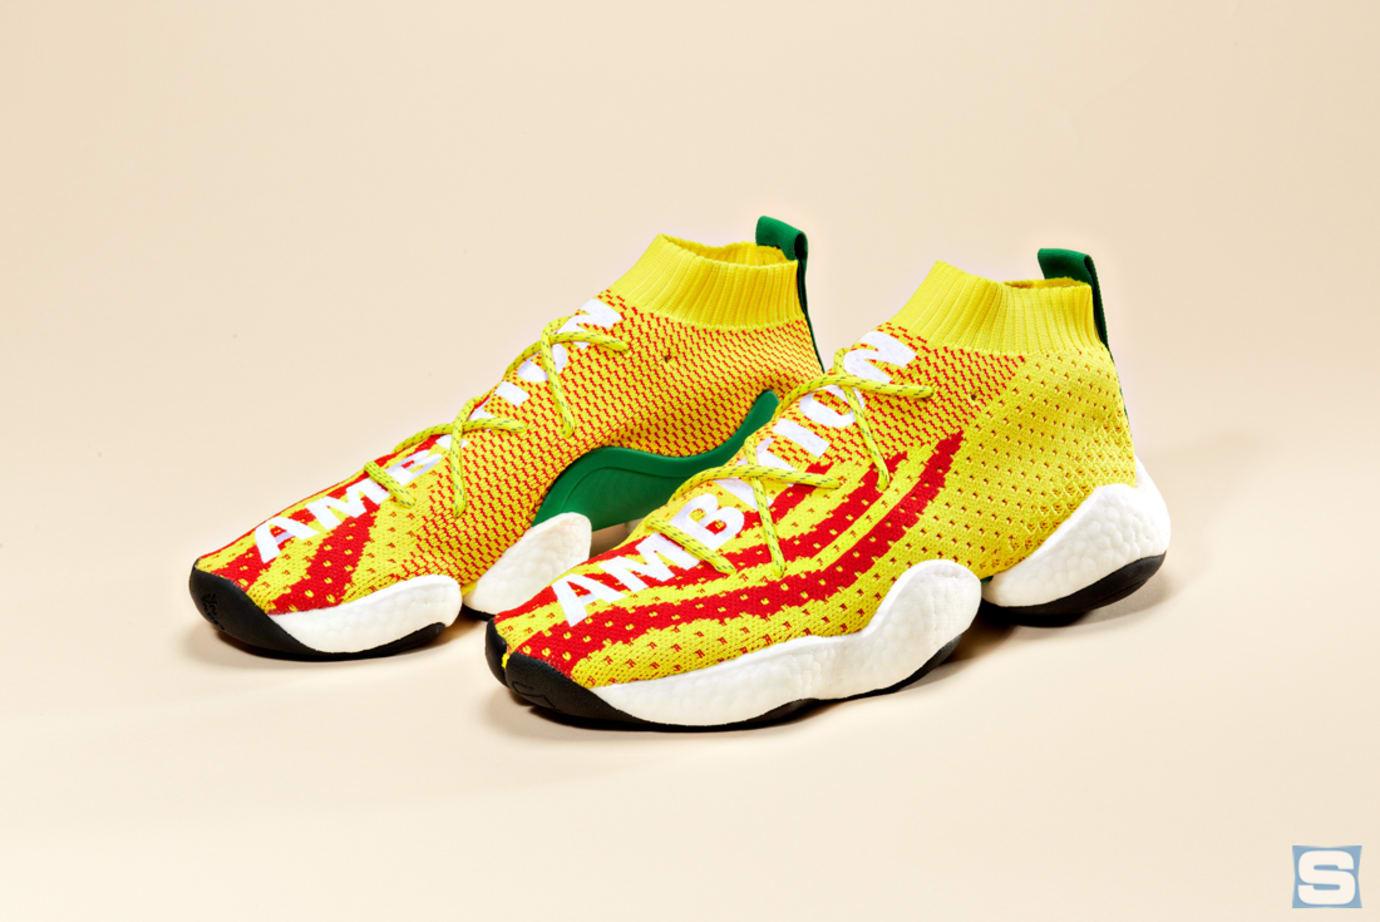 Adidas Pharrell Williams Boost You Wear